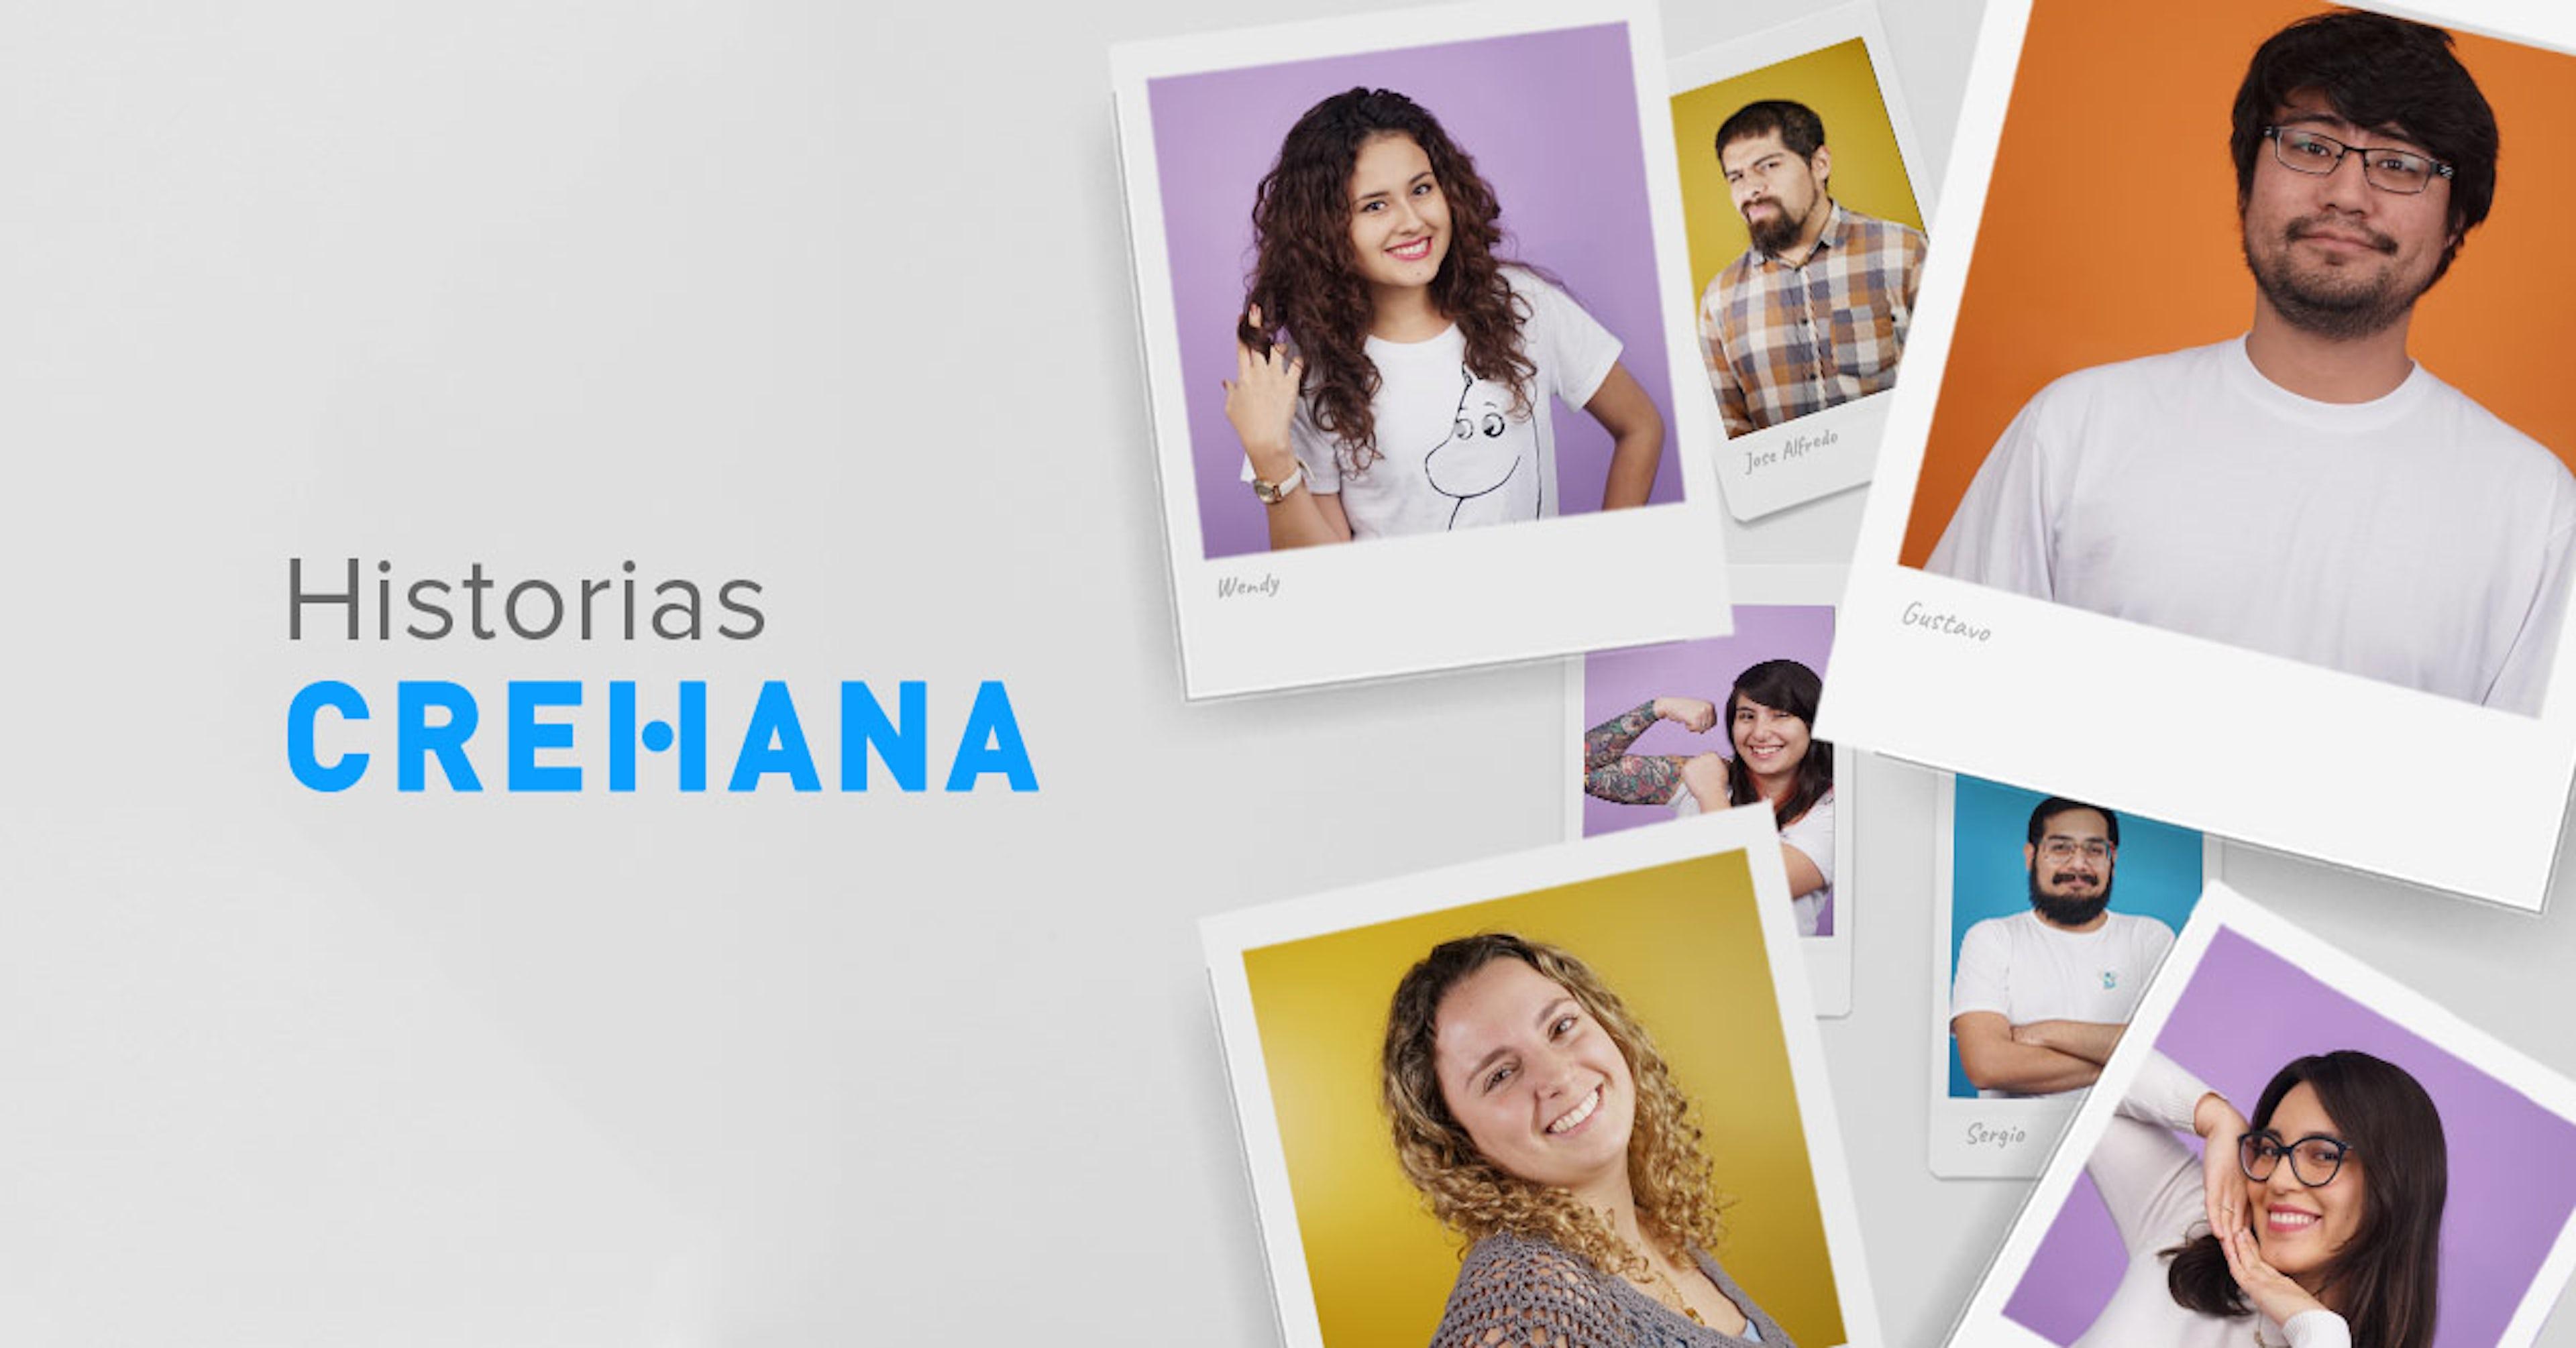 En Crehana crecemos contigo: 3 historias de nuestro staff